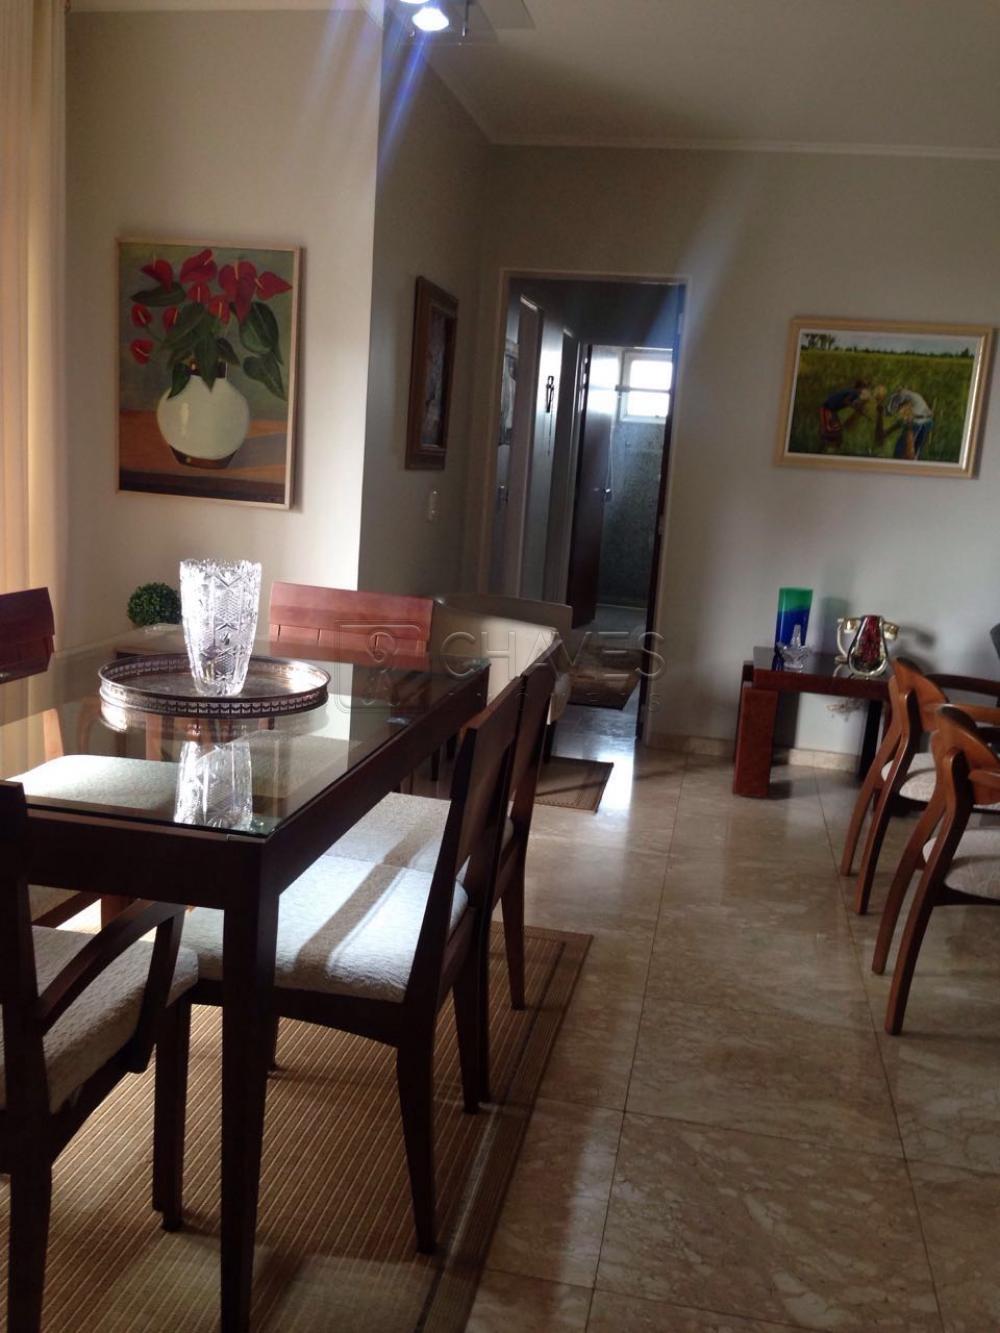 Comprar Apartamento / Padrão em Ribeirão Preto apenas R$ 415.000,00 - Foto 20